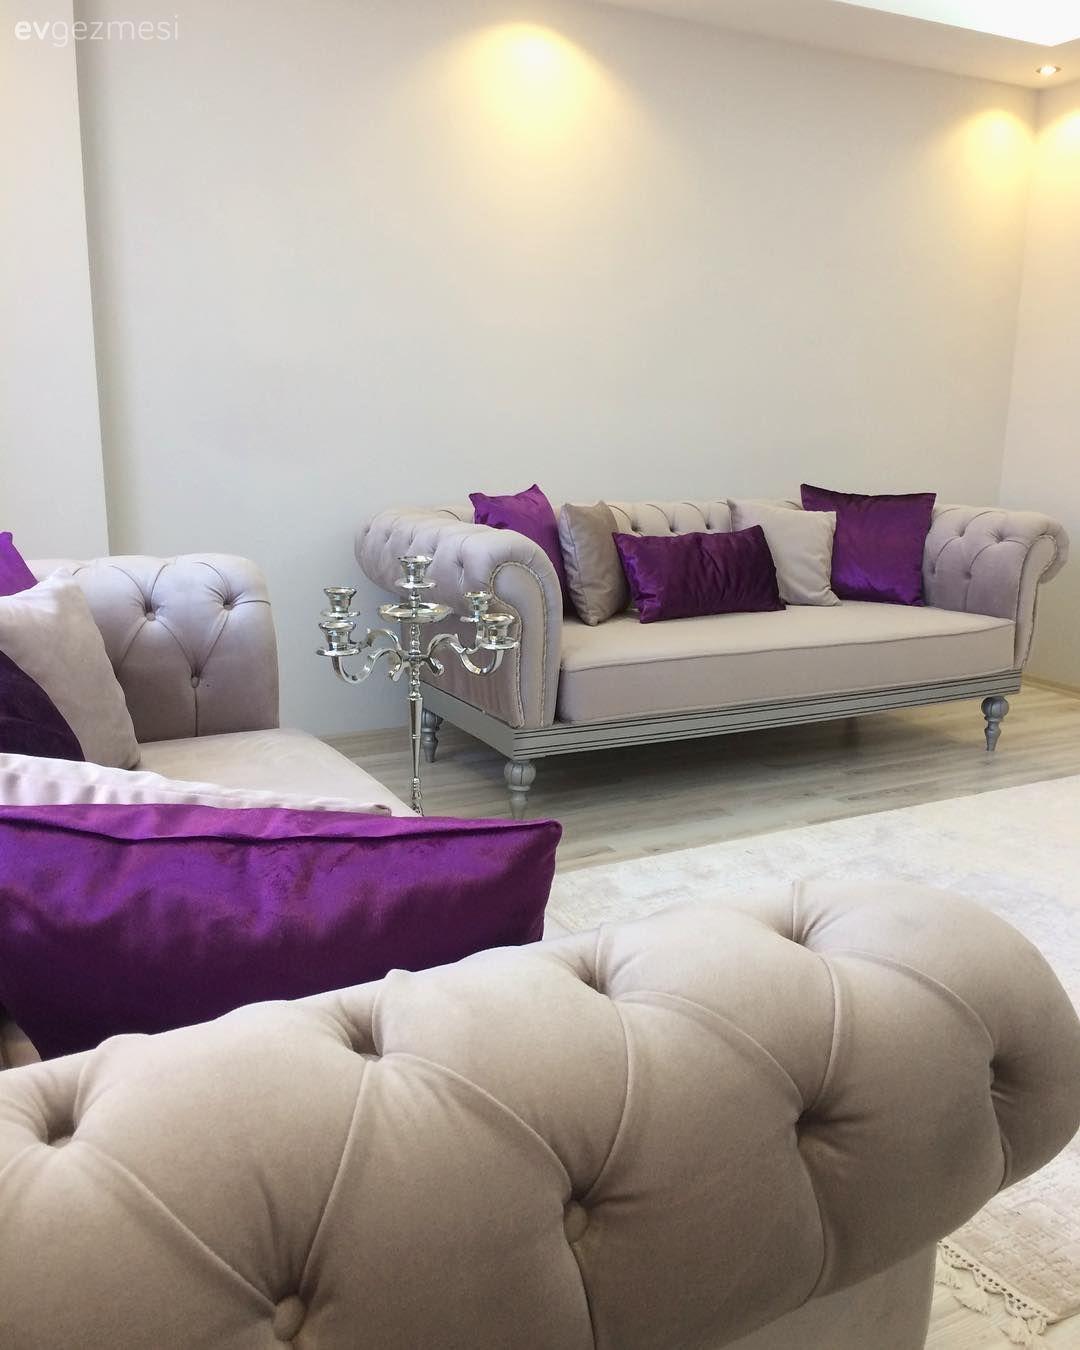 Modern Ve Klasigin Hos Bir Karisimi Uyumlu Ve Sik Bir Ev 2 Ev Gezmesi Oturma Odasi Tasarimlari Oturma Odasi Dekorasyonu Oturma Odasi Takimlari